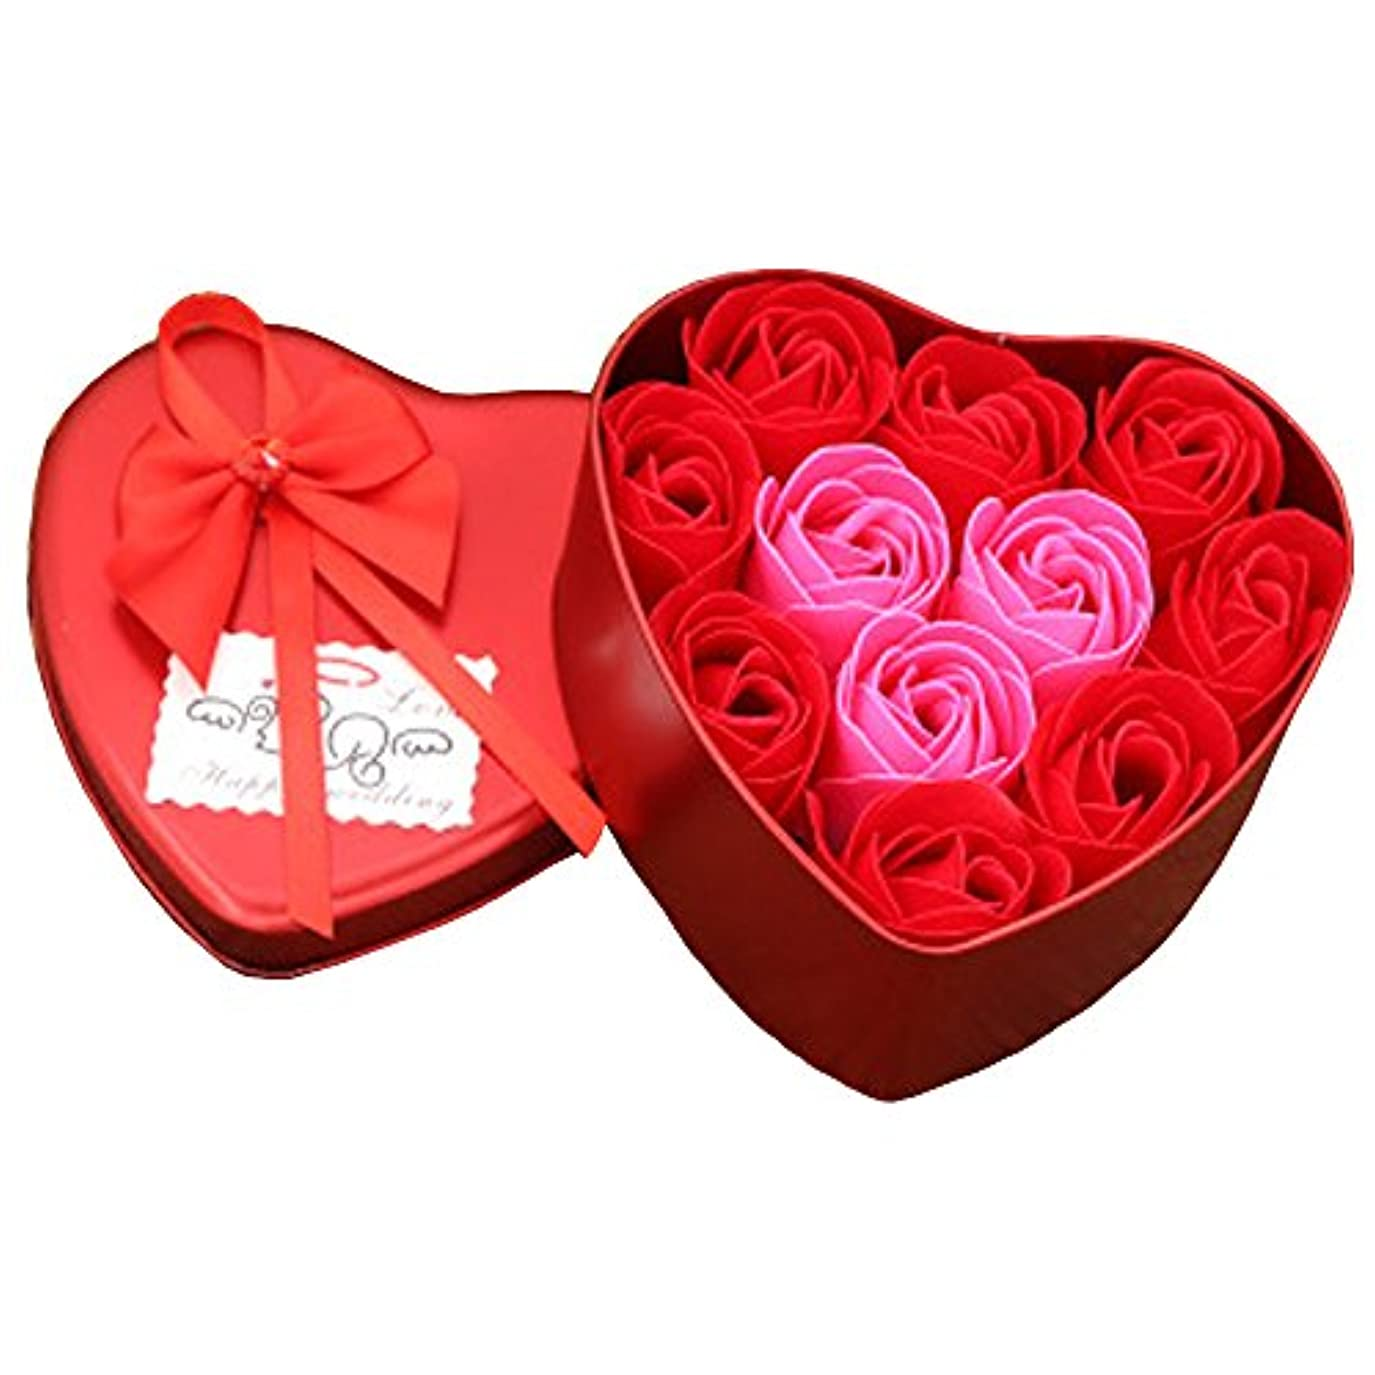 着替える構成員事前iCoole ソープフラワー 石鹸花 ハードフラワー形状 ギフトボックス入り 母の日 バレンタインデー お誕生日 ギフト